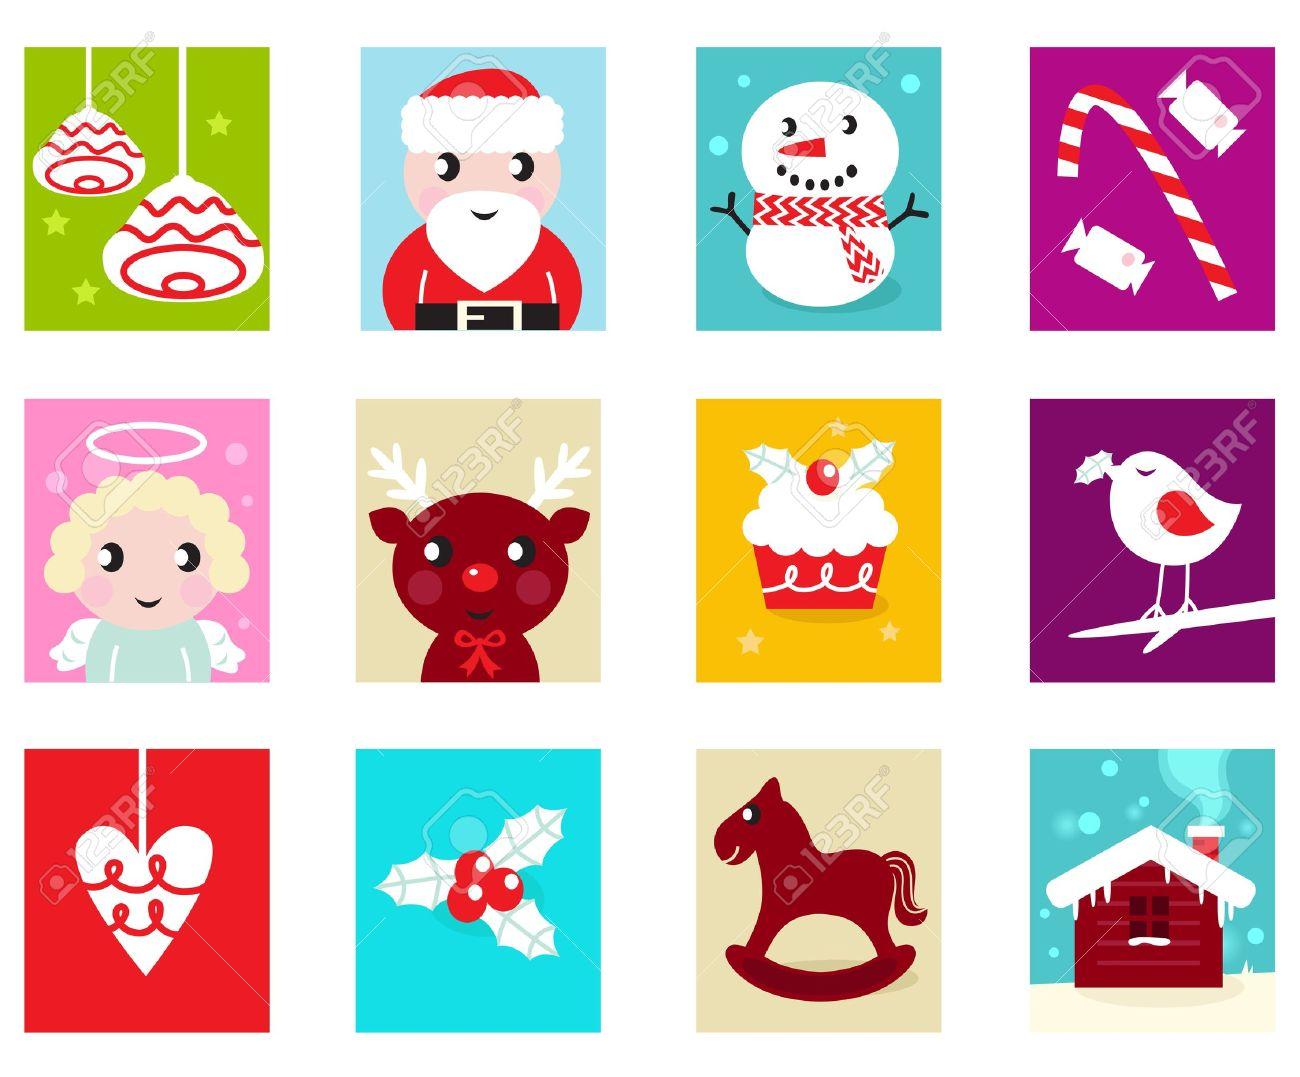 calendario de adviento tiempo de navidad varios dibujos de navidad iconos y elementos